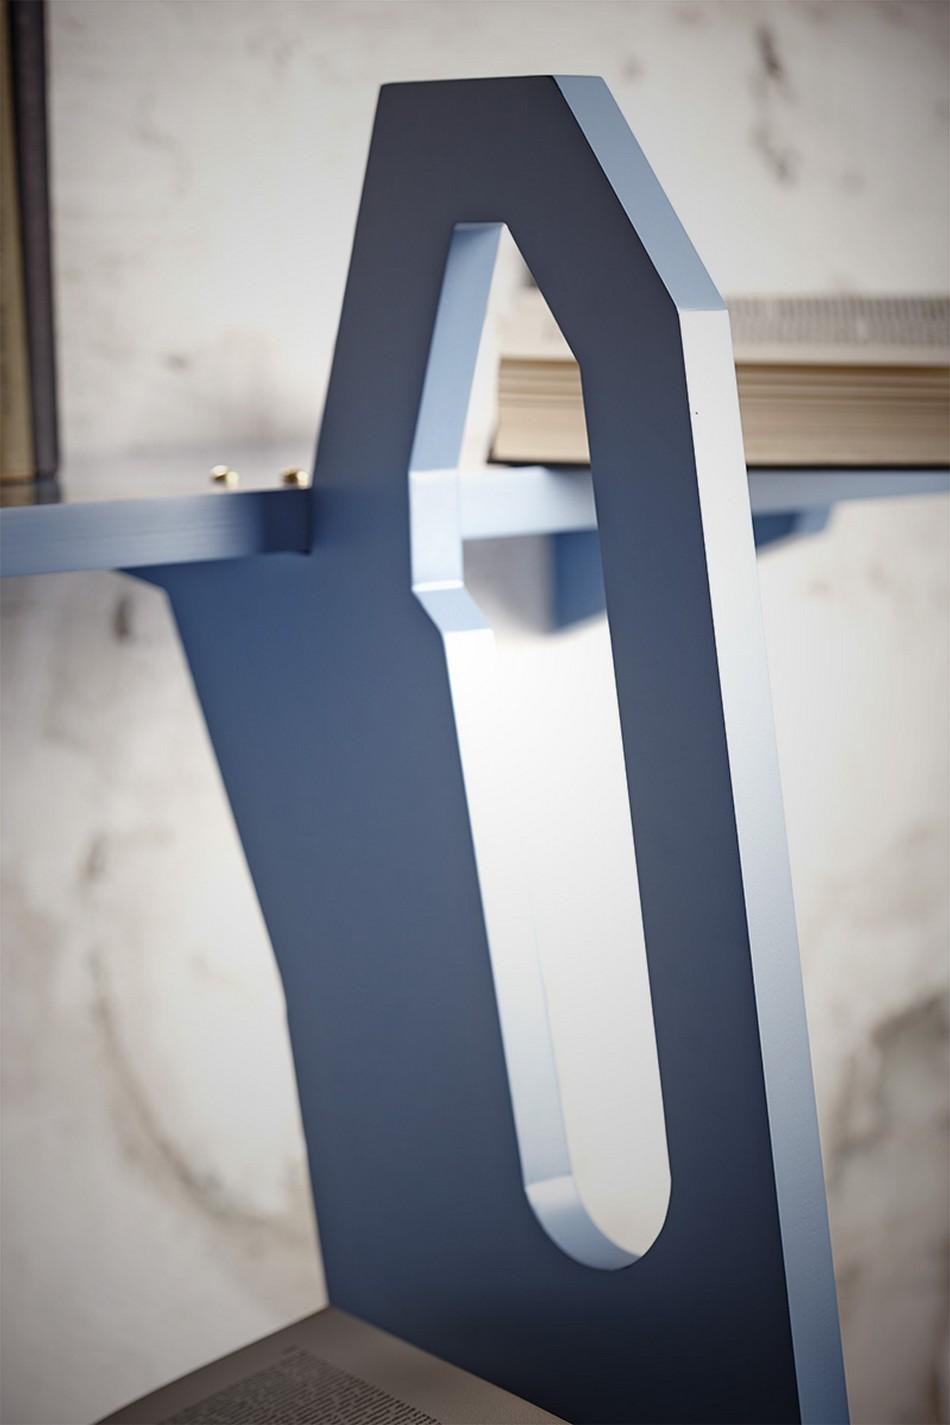 Mavi Ahşap Merdiven